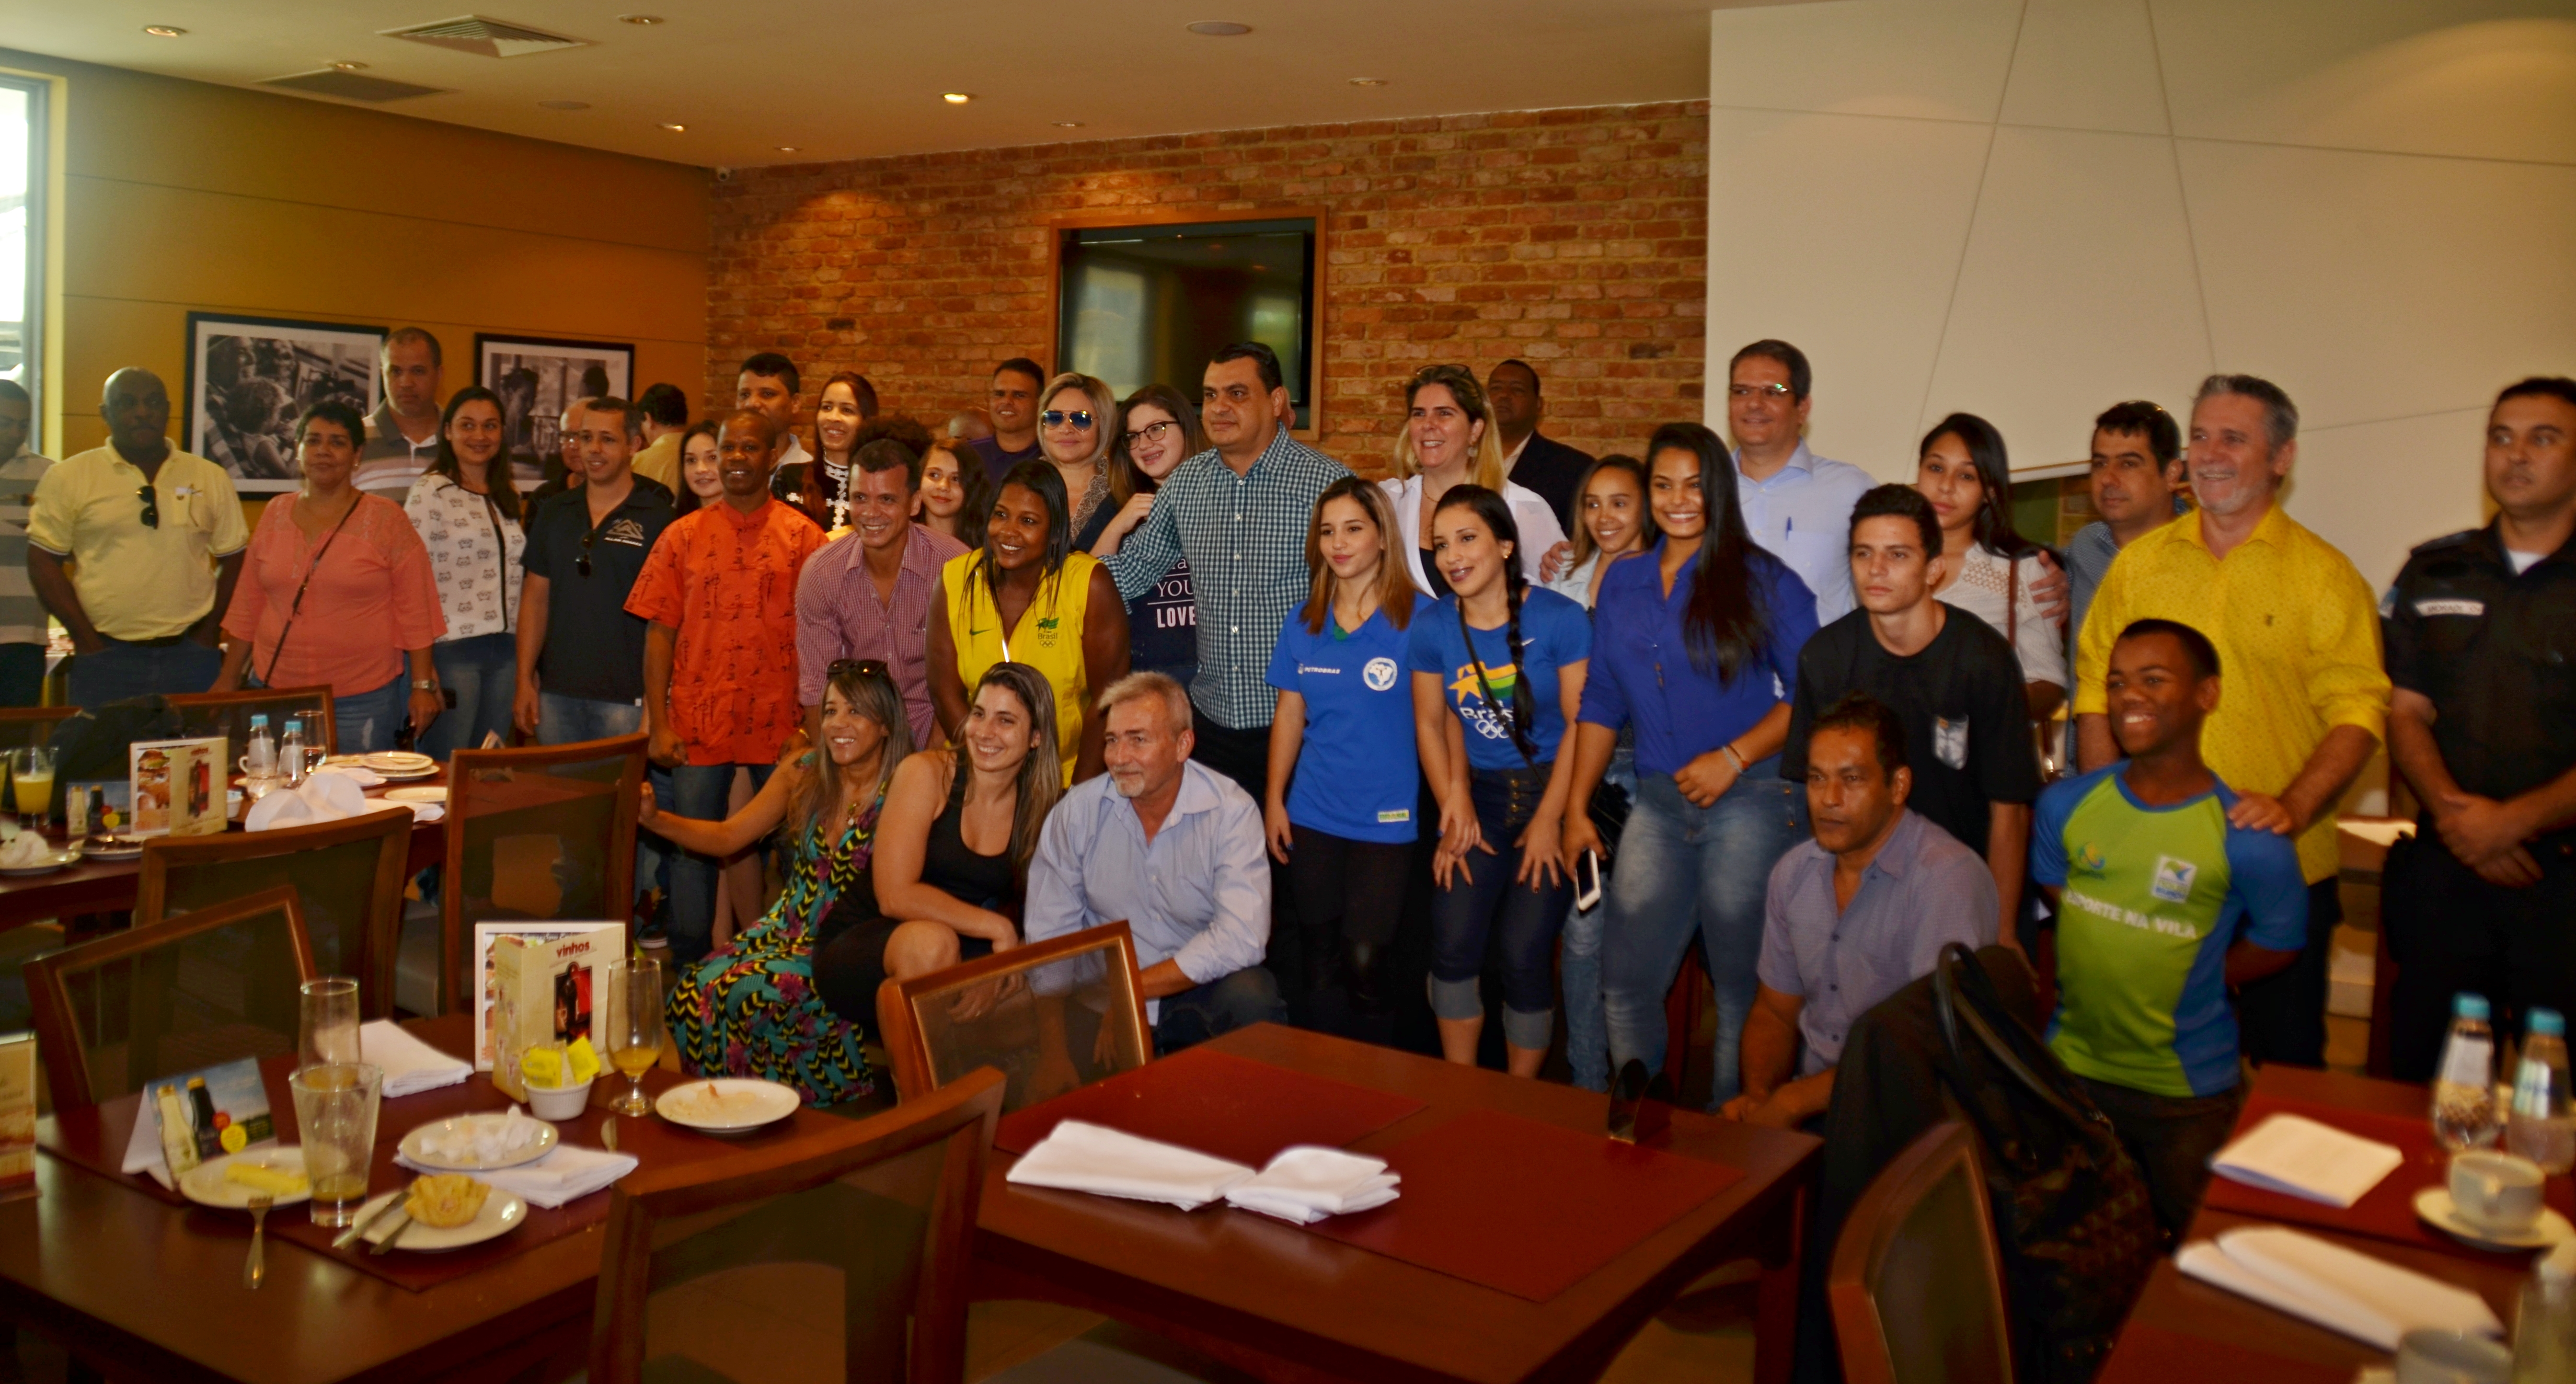 Atleas e membros do governo participaram do café da manhã no La Mole para conhecer o esquema montado para a passagem da tocha por Noav Iguaçu